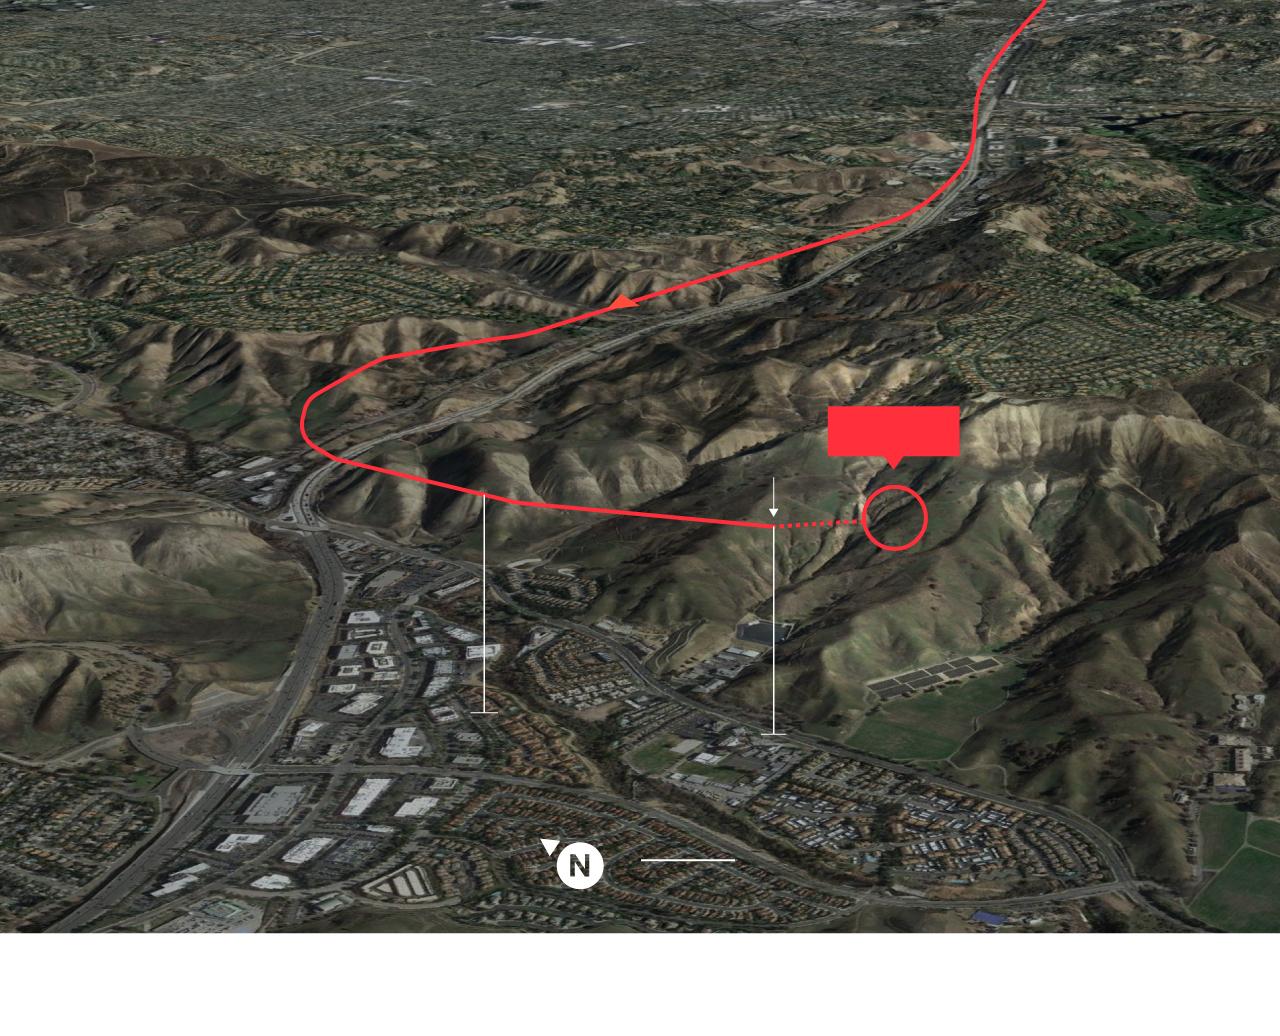 Recorrido  del helicóptero  Calabasas  Último  contacto  Impacto  414 metros  271 metros  Malibu Creek  El Encanto  250 m  Fuente: Departamento del Sherif del condado de Los Ángeles y Flightradar.